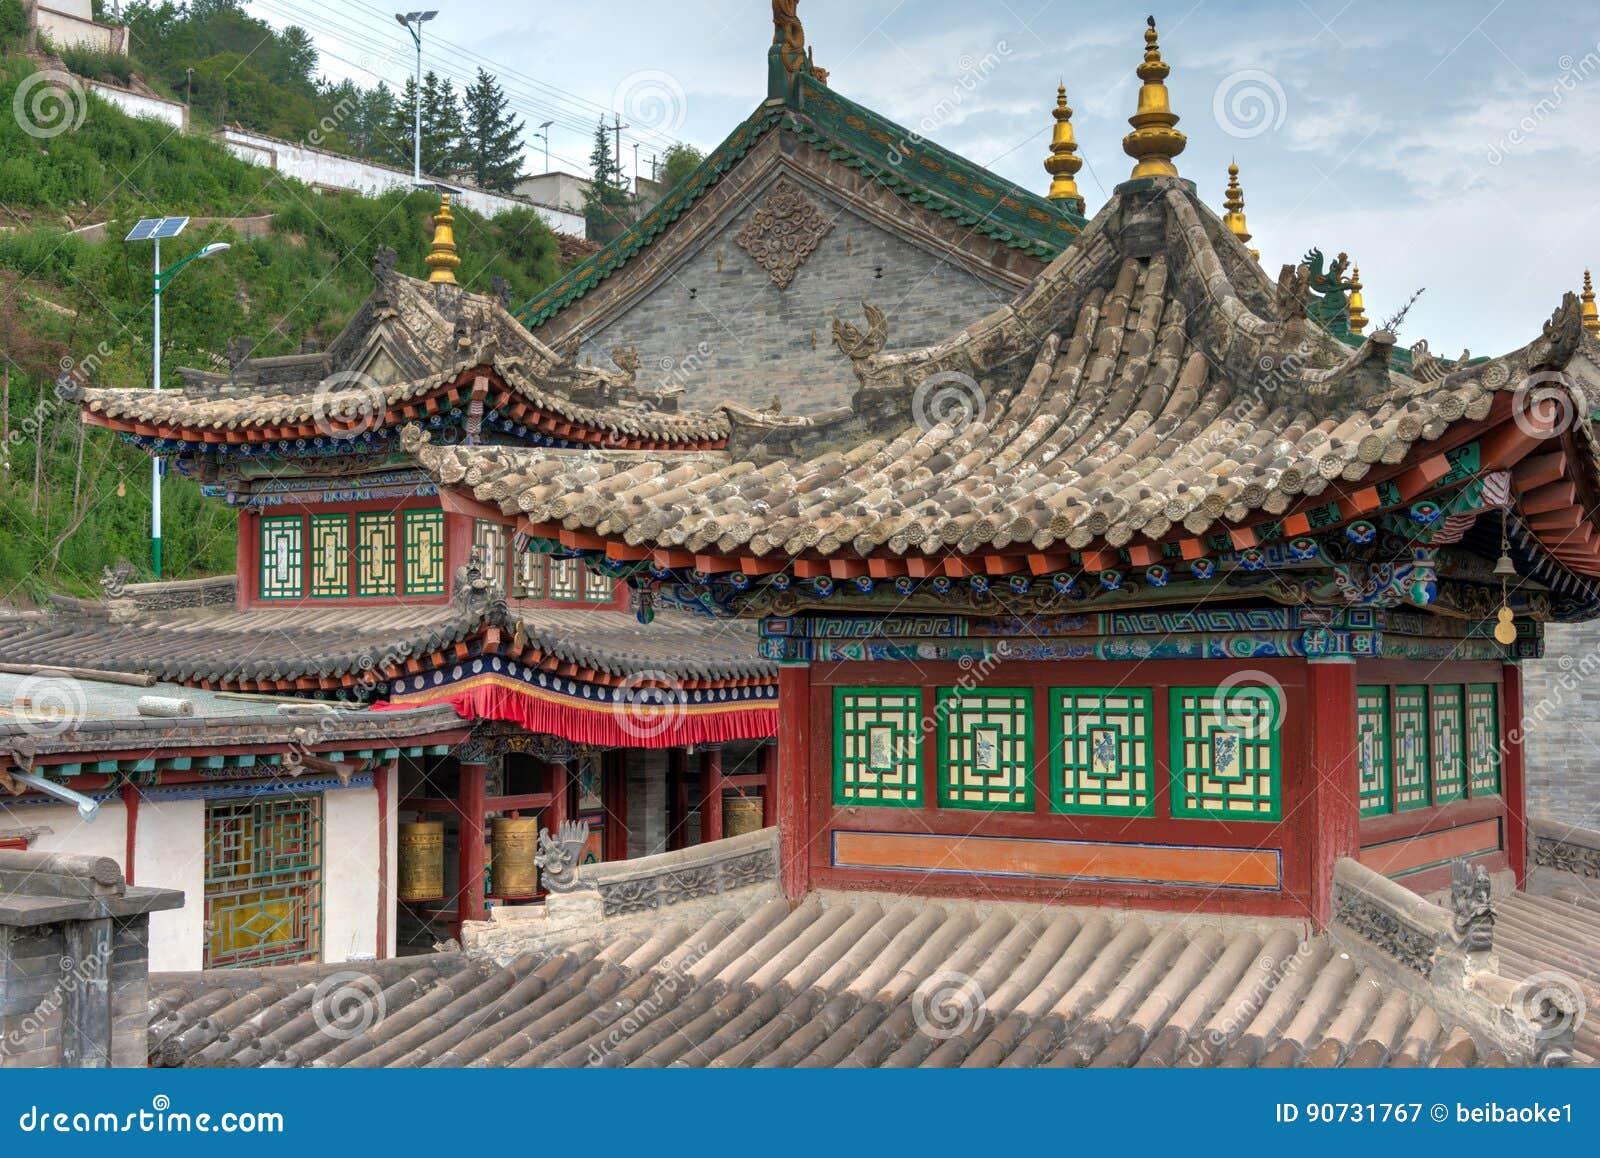 XINING, CHINE - 30 juin 2014 : Monastère de Kumbum un point de repère célèbre